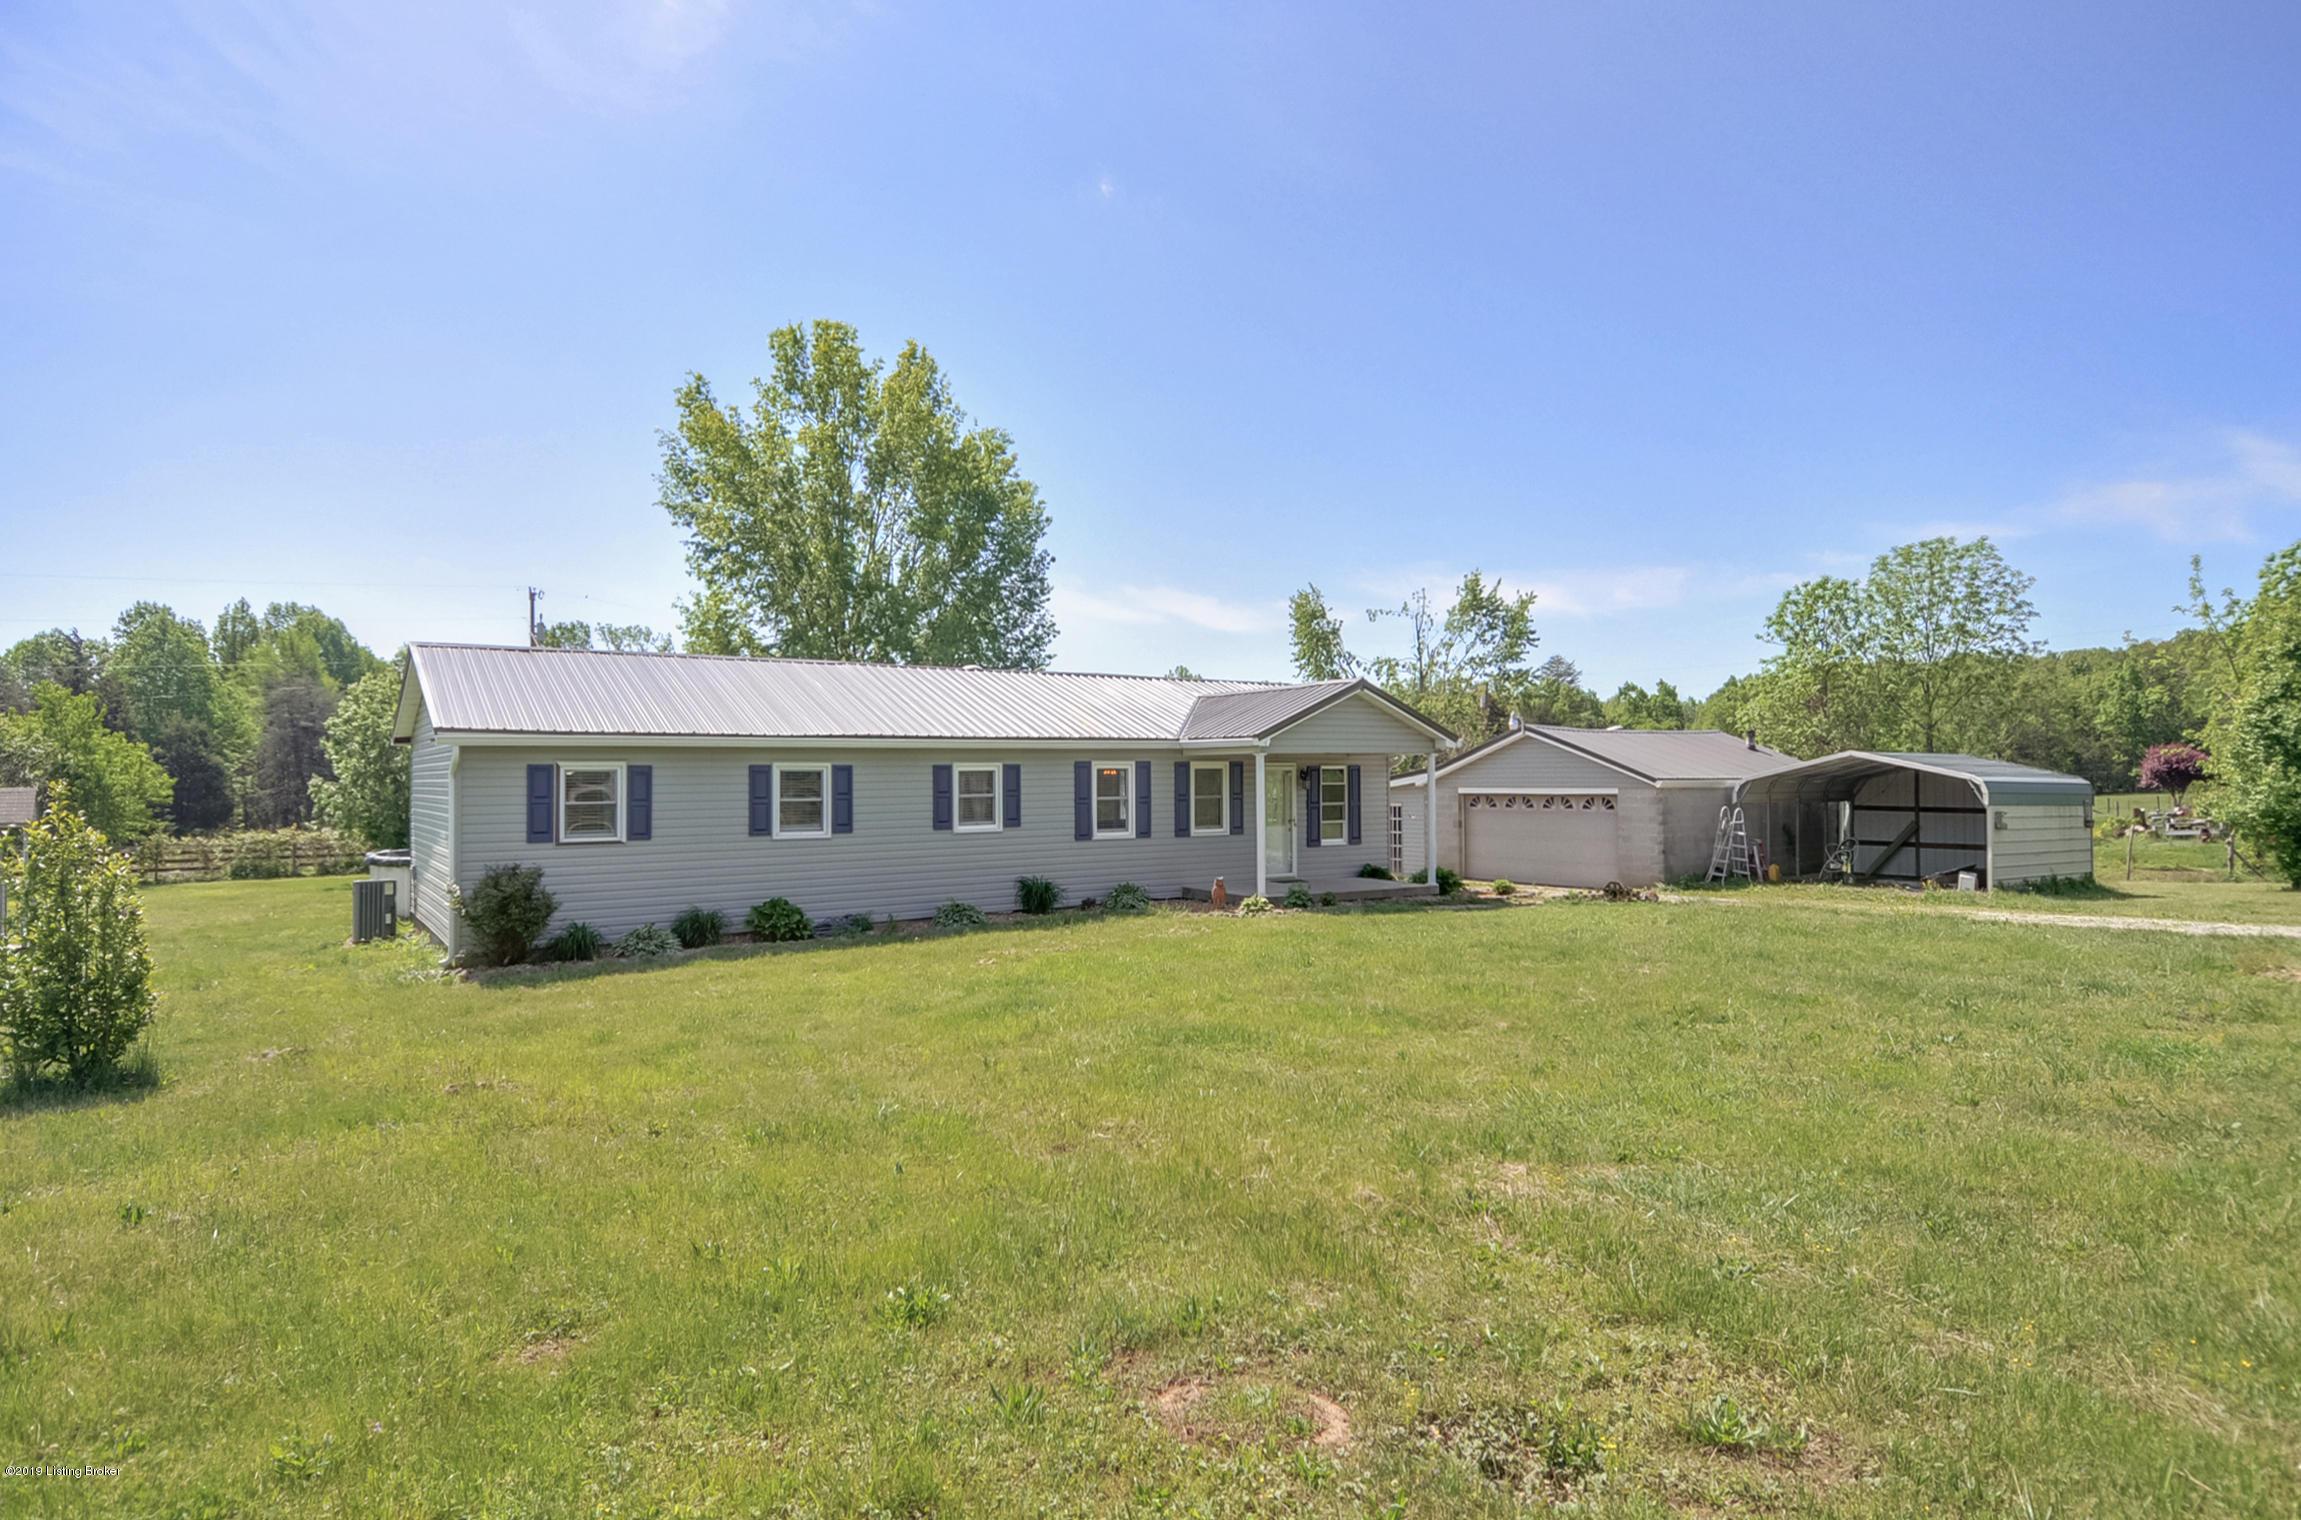 125 Rustic Ln, Shepherdsville, Kentucky 40165, 3 Bedrooms Bedrooms, 7 Rooms Rooms,2 BathroomsBathrooms,Residential,For Sale,Rustic,1531685